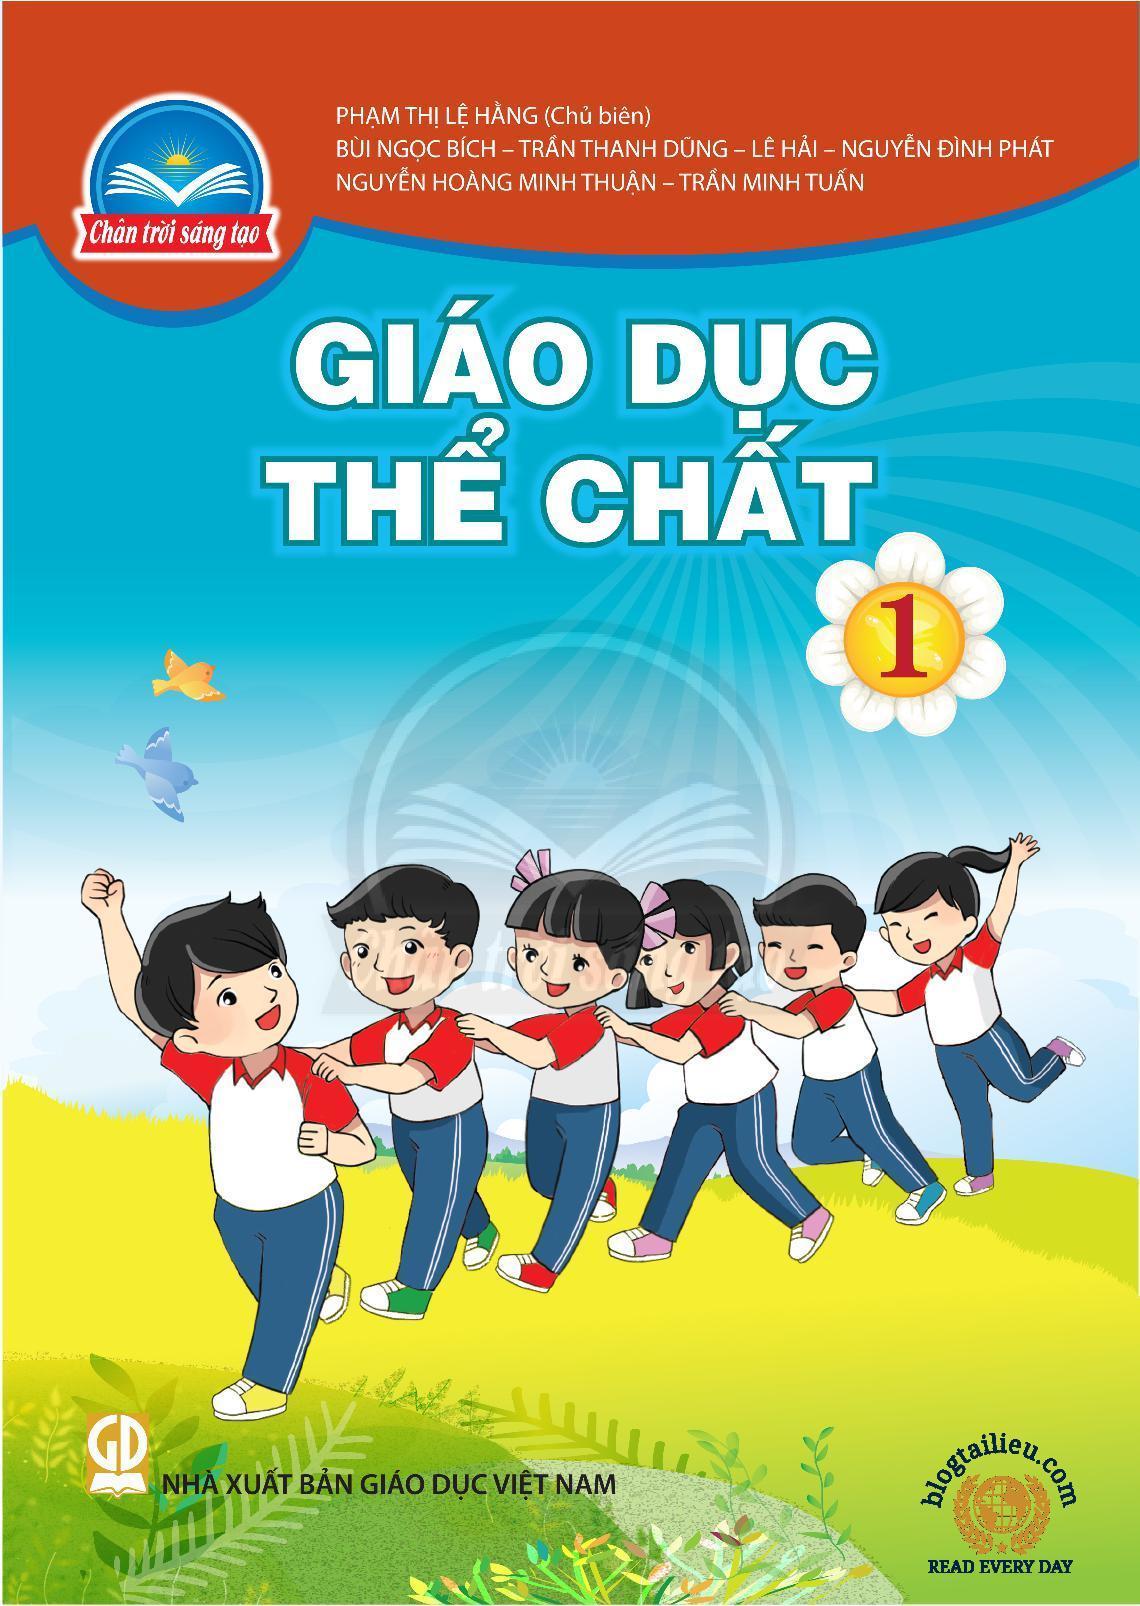 sách giáo khoa giáo dục thể chất lớp 1